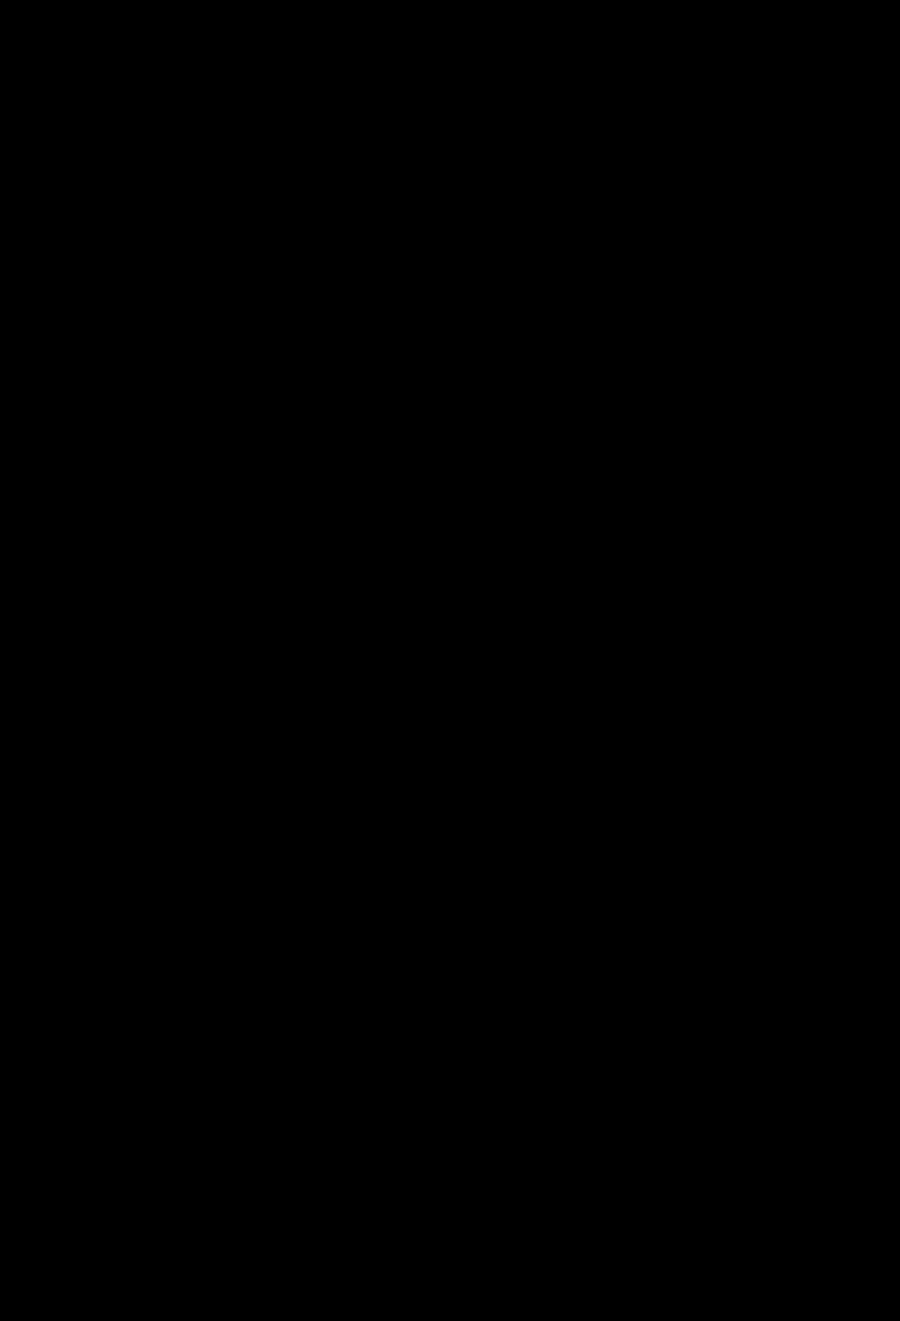 Обложка книги:  джей р., темплар р. - энциклопедия менеджера. алгоритмы эффективной работы